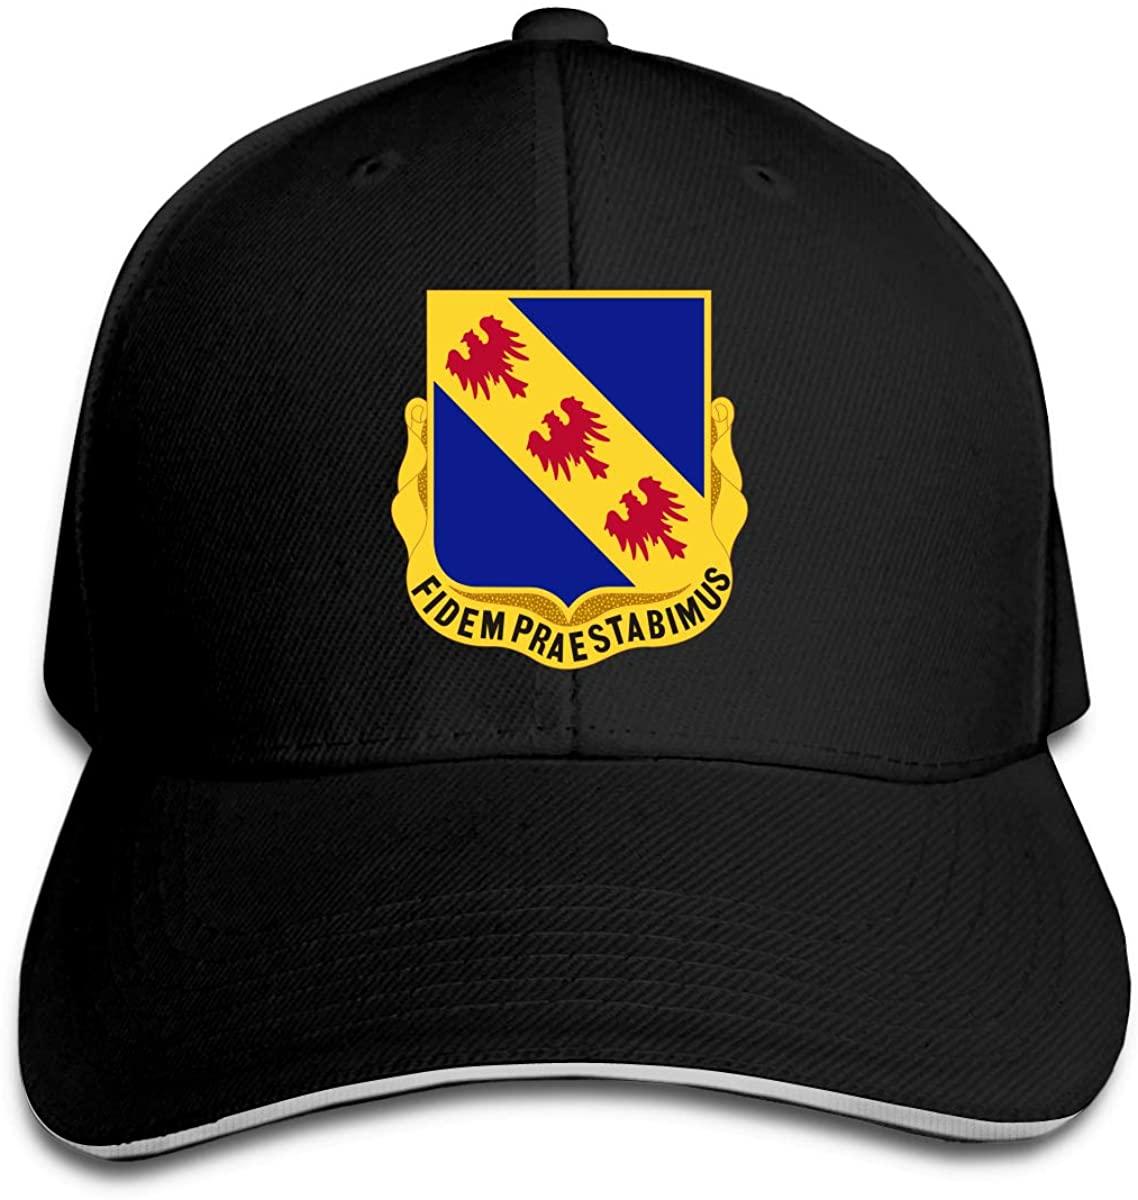 355-й пехотный полк, головные уборы унисекс, головные уборы грузовиков, головные уборы для папы, бейсболки, кепки для водителей